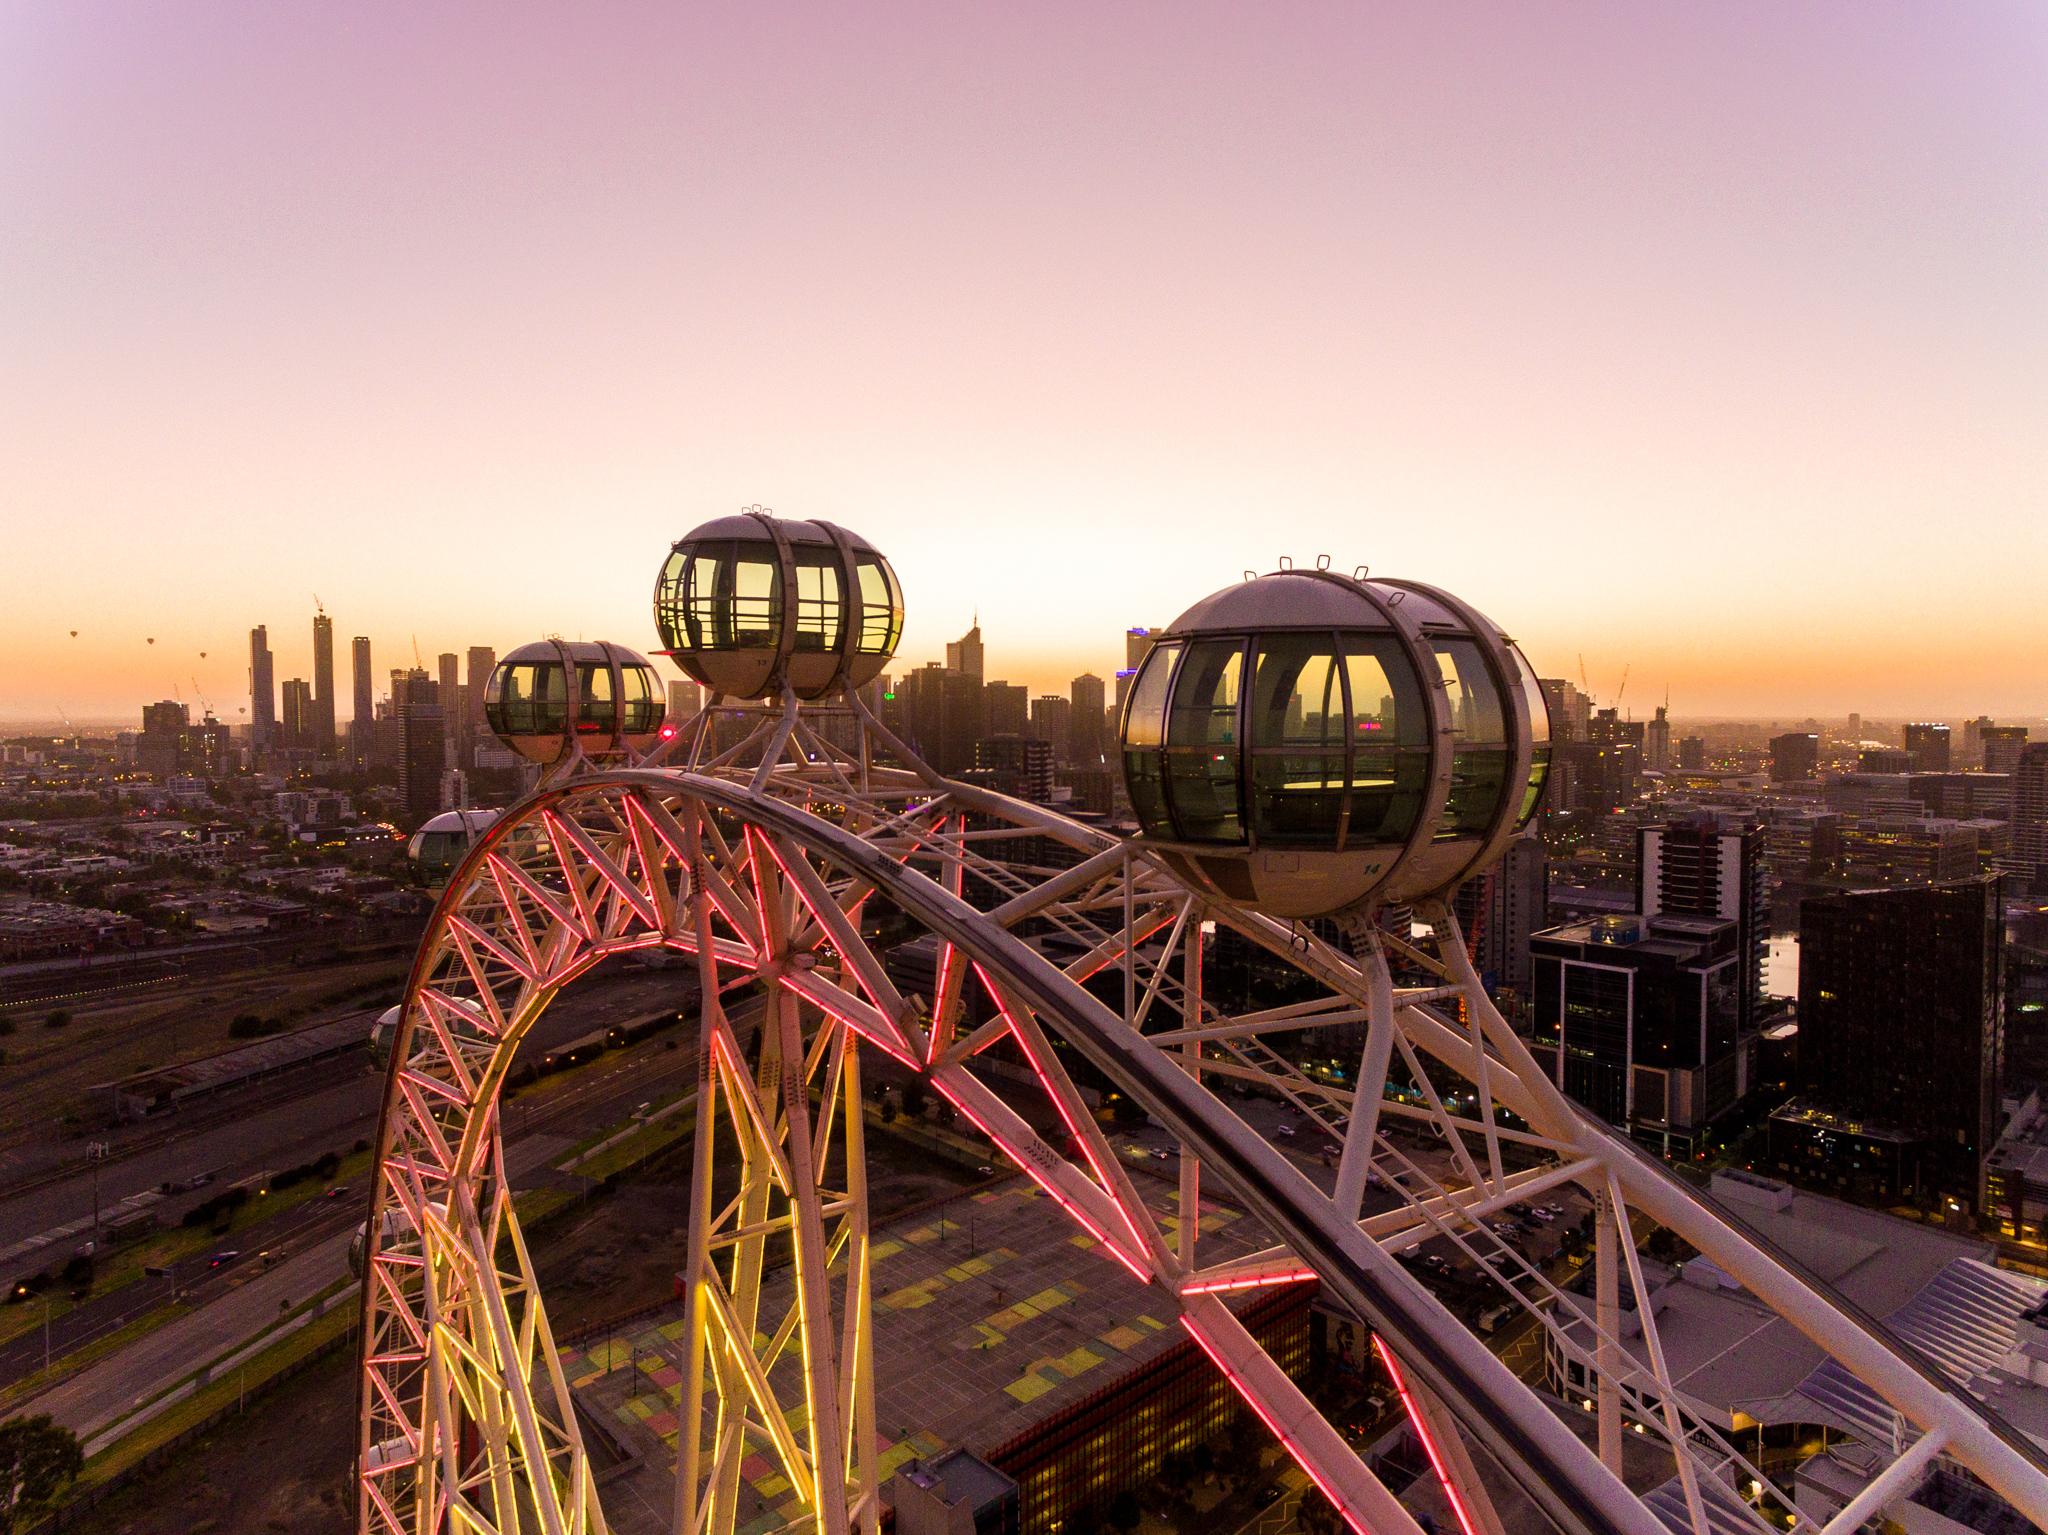 Melbourne Star Observation Wheel sunset